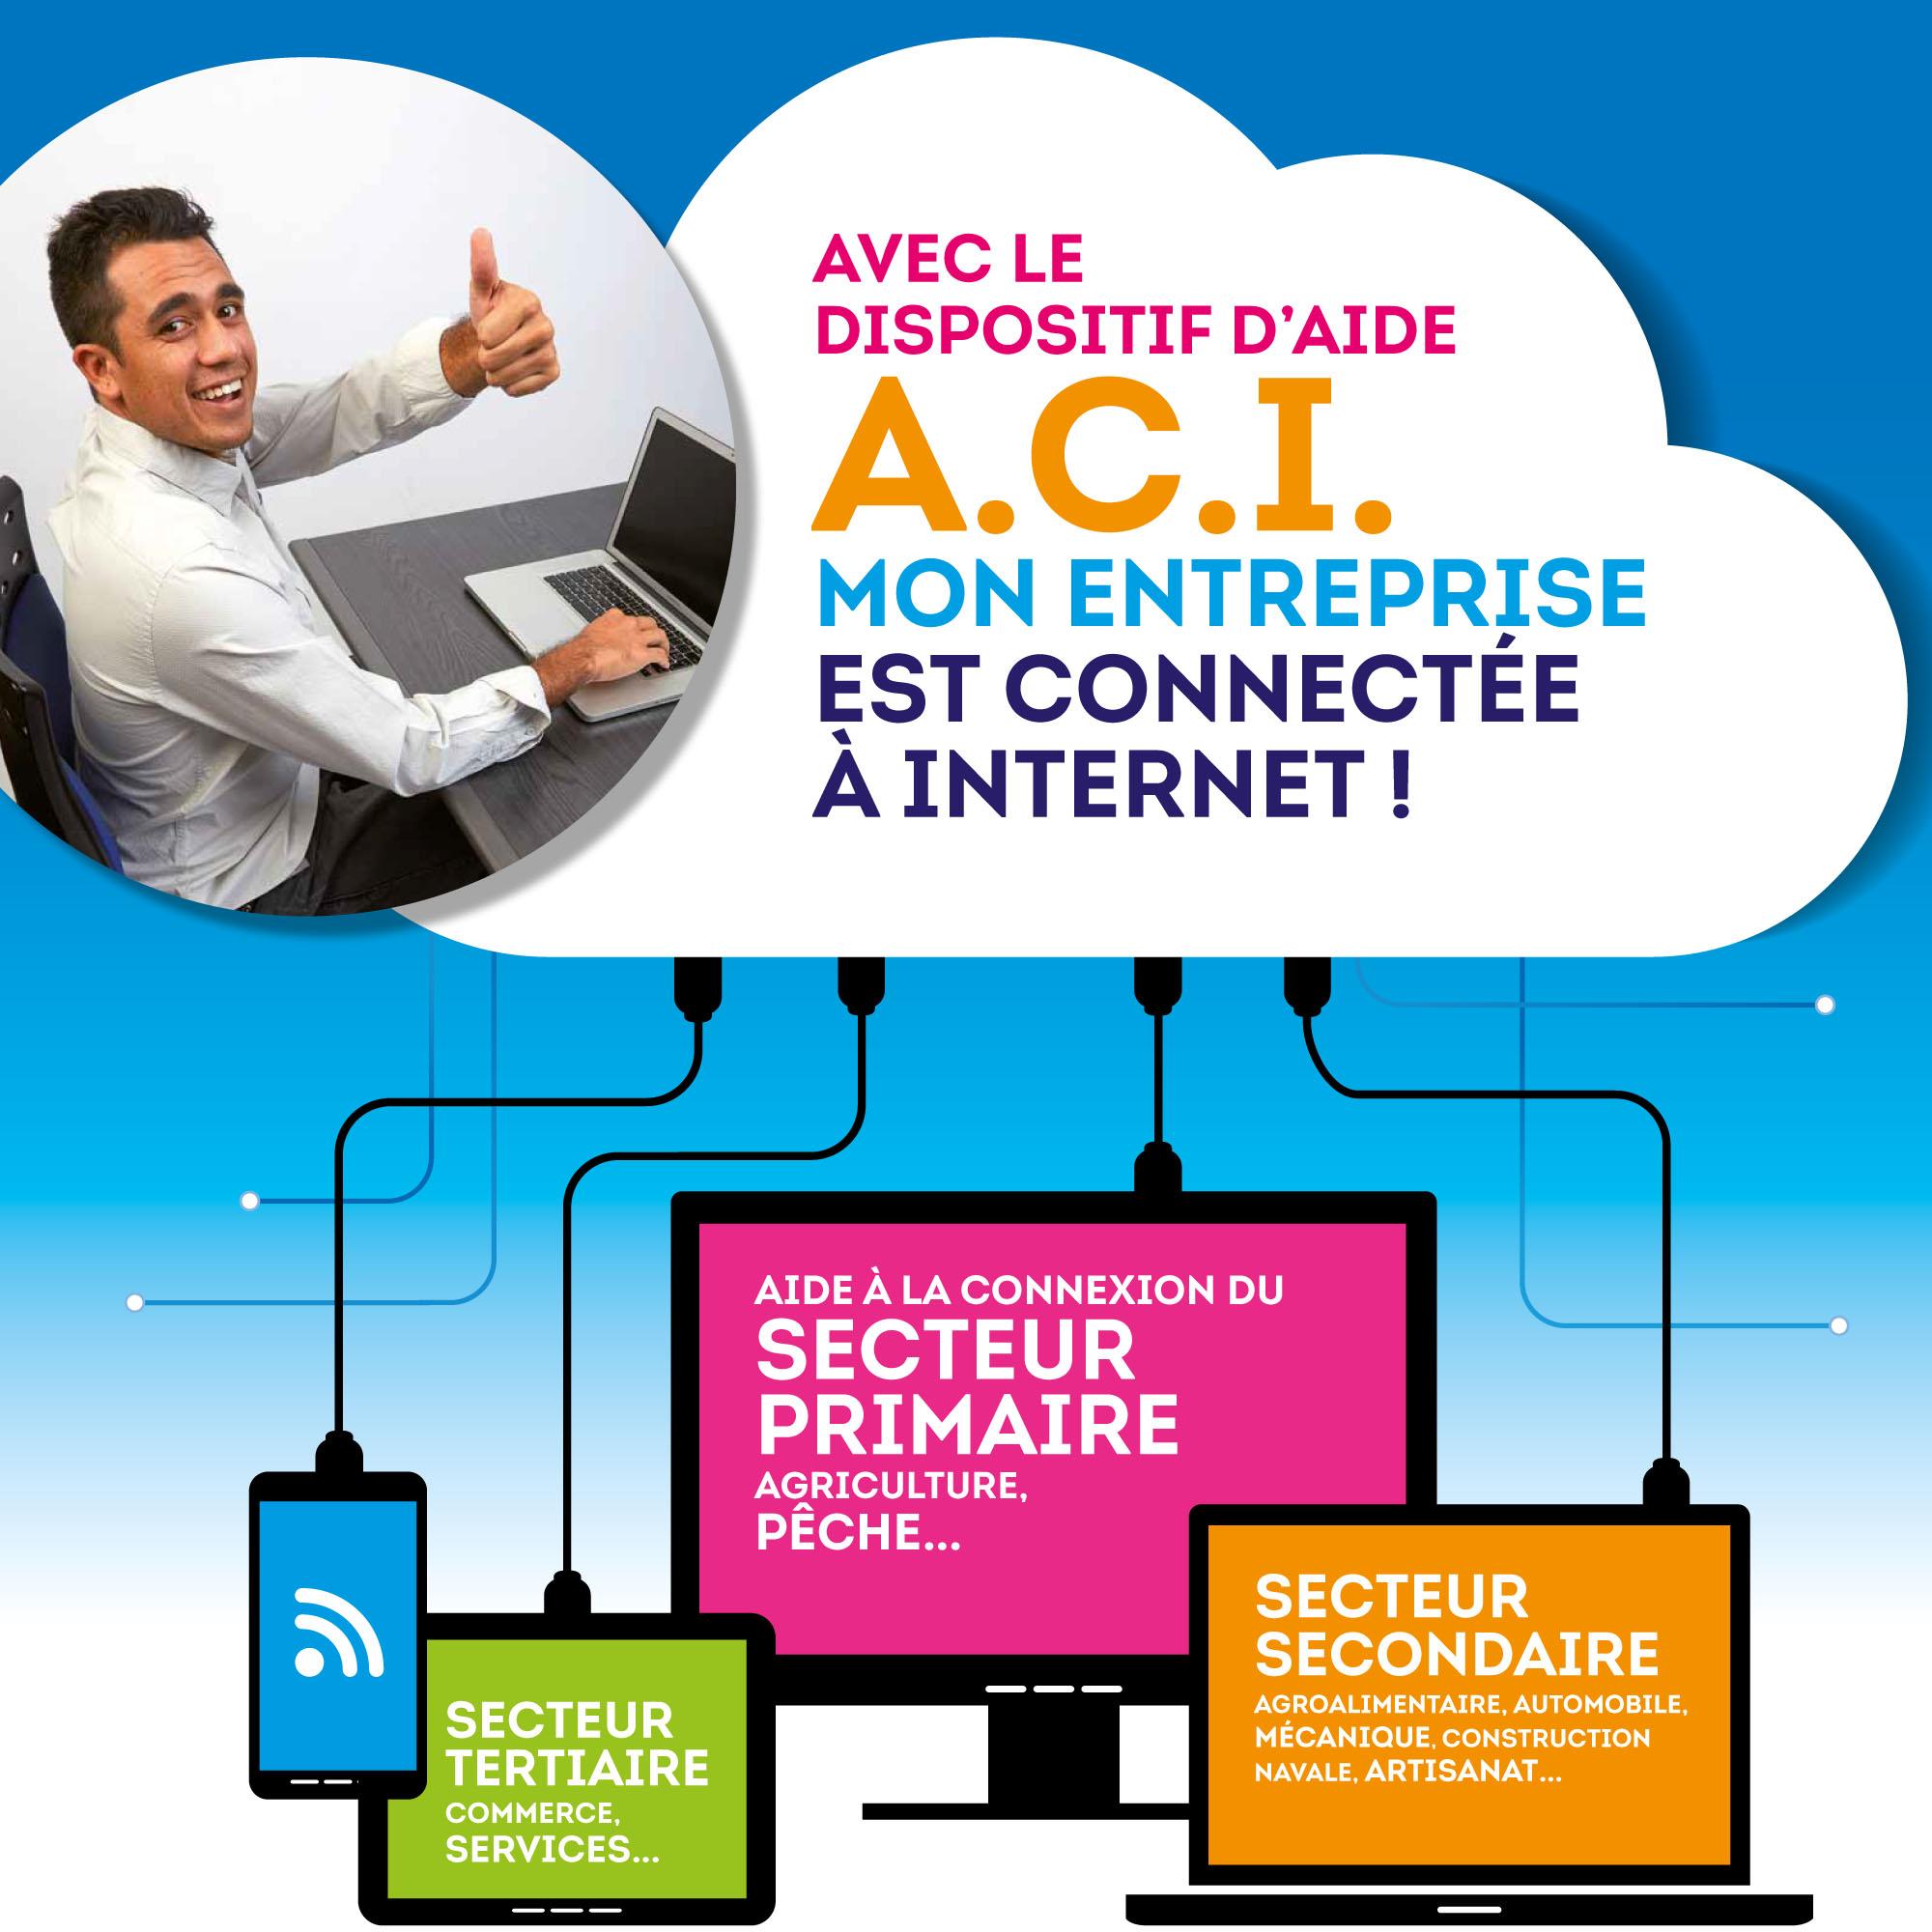 Internet : Une aide allant jusqu'à 200 000 francs pour connecter les entreprises